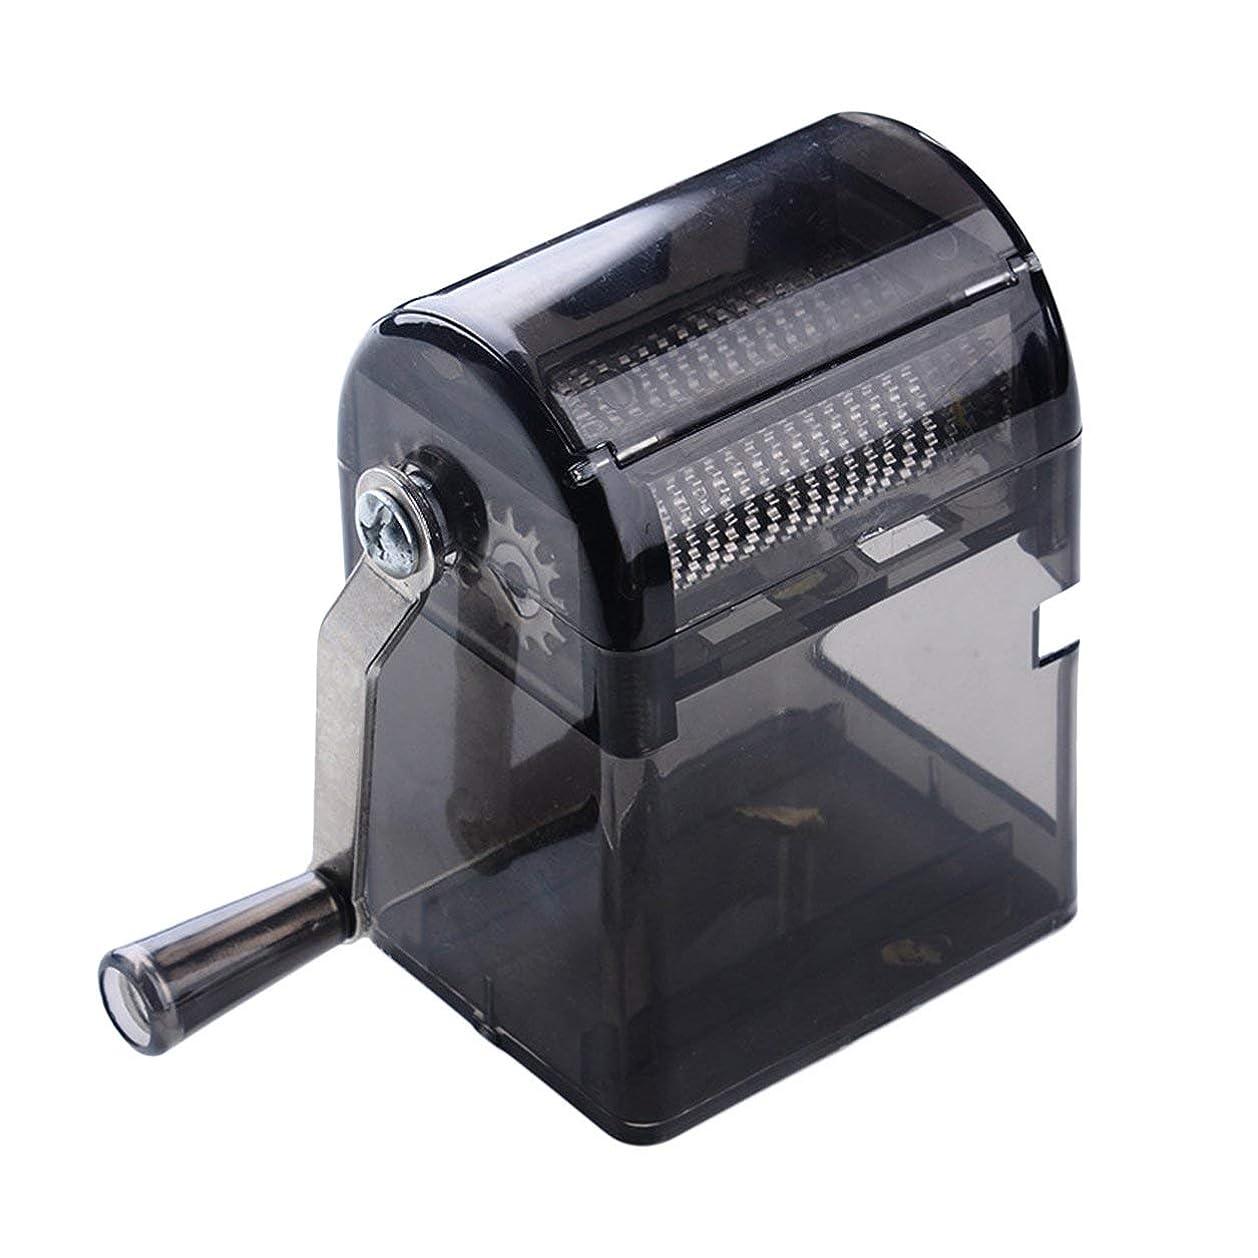 調整可能平和まあSaikogoods シンプルなデザイン手回しタバコグラインダー耐久性のある利用タバコハーブスパイスクラッシャーマニュアルミュラータバコ用品 黒